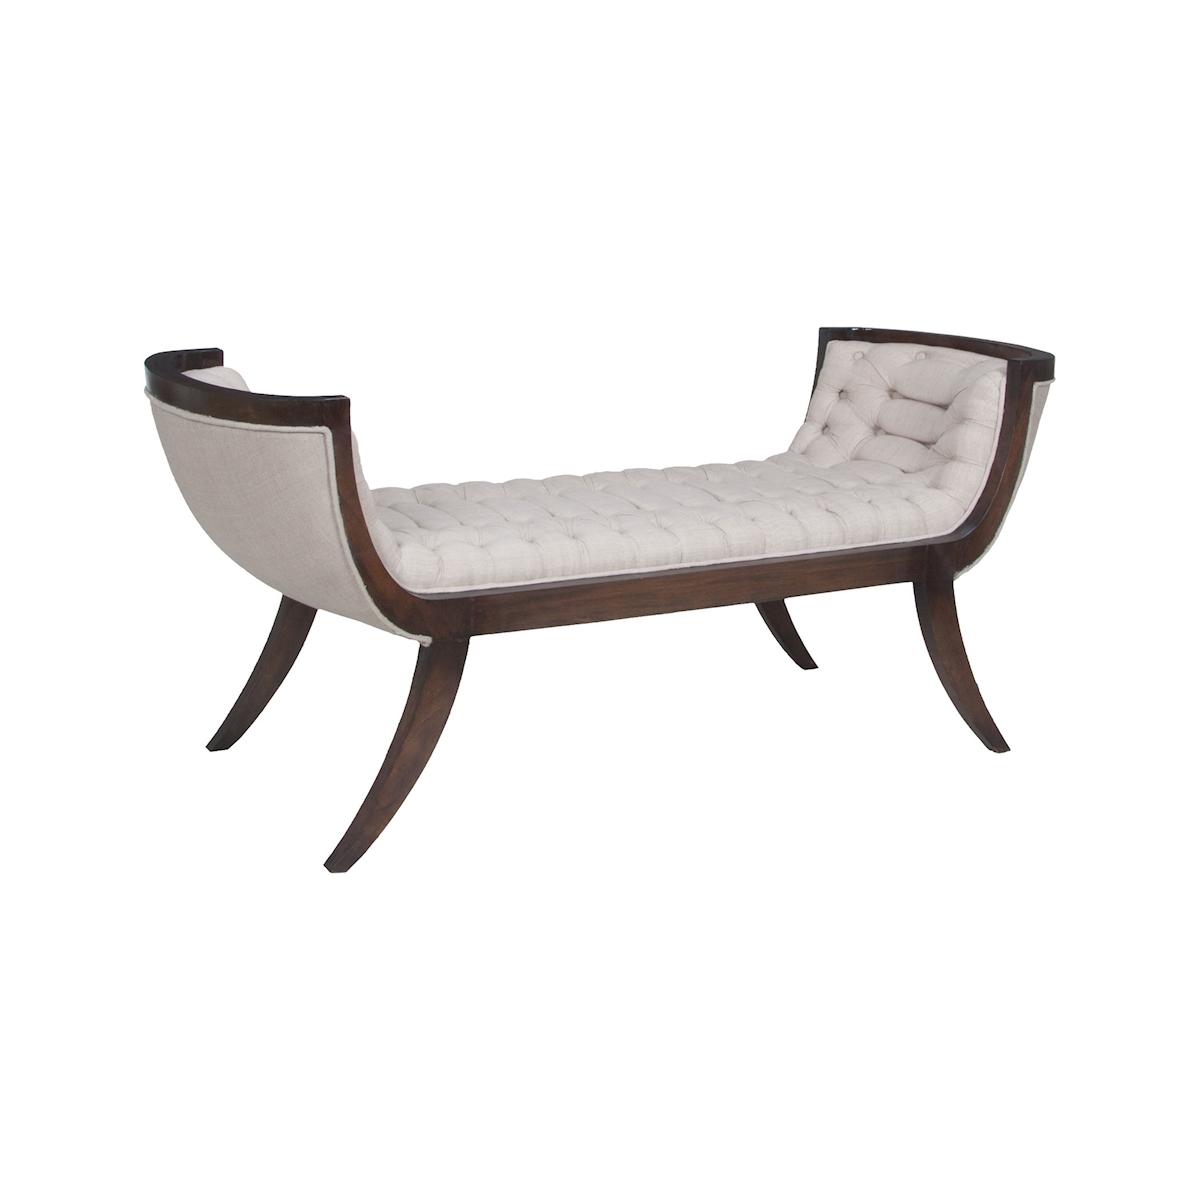 Transitional Bench 6516014 | ELK Home